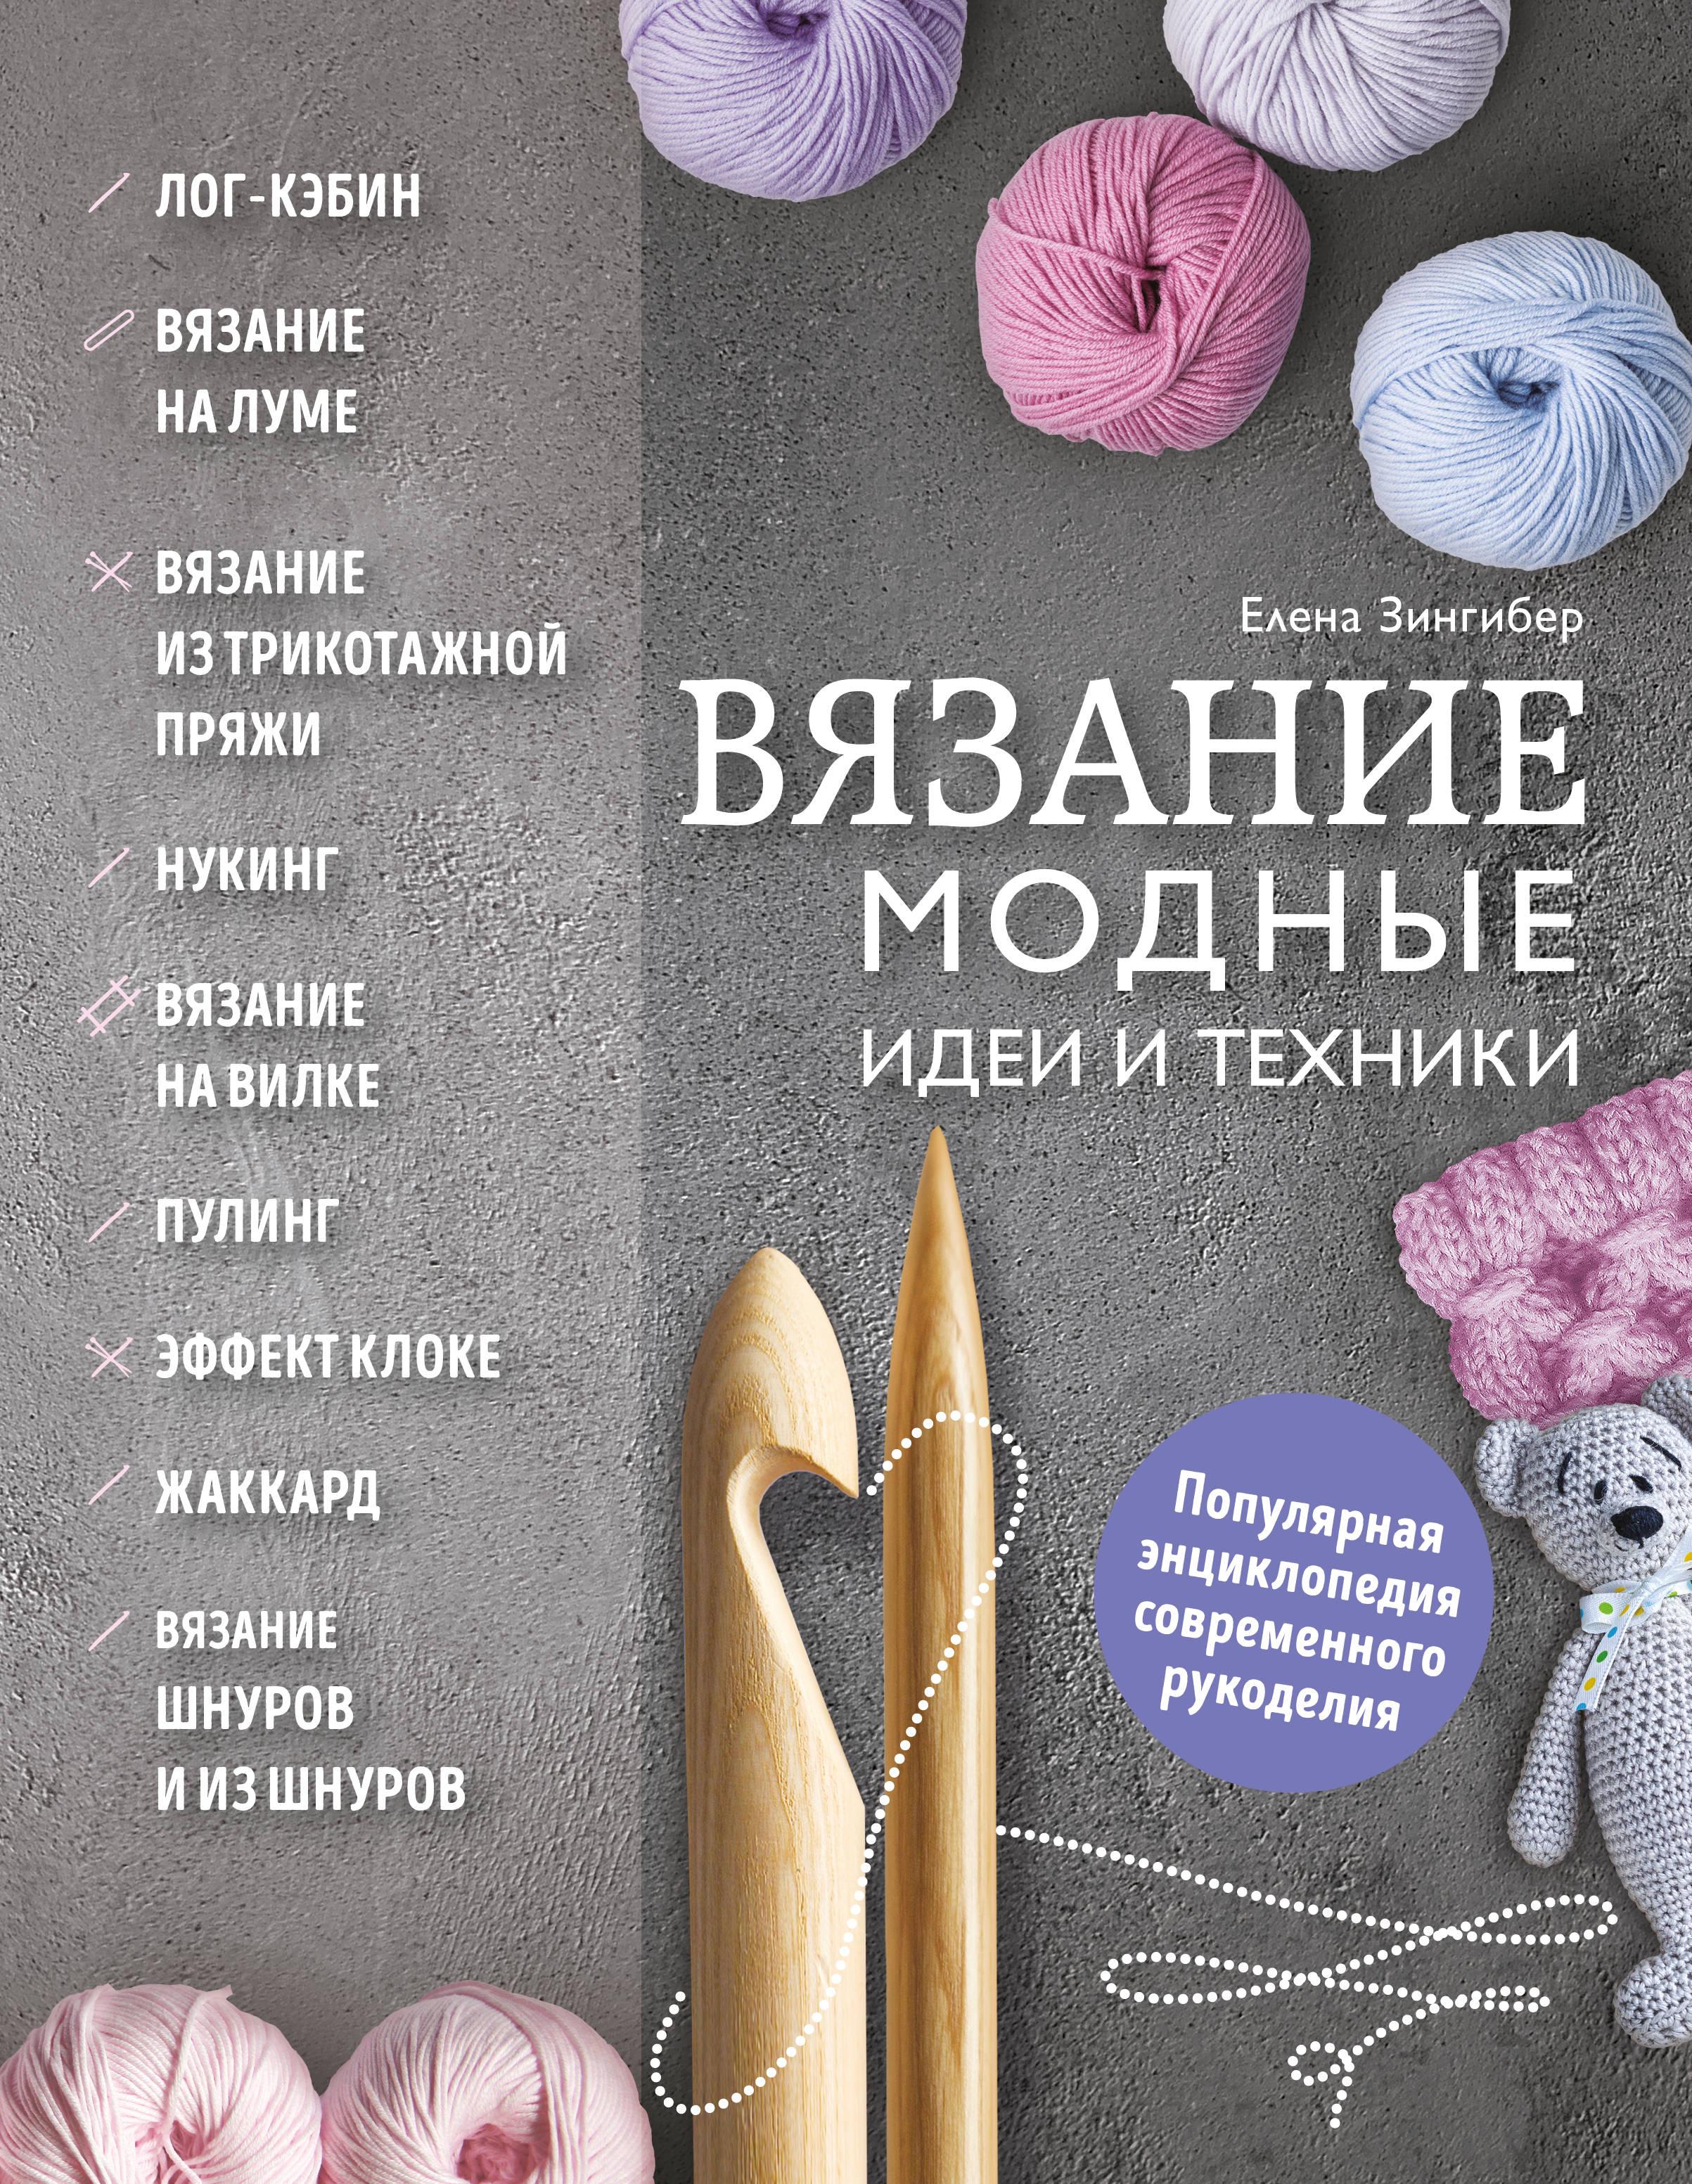 Елена Зингибер Вязание. Модные идеи и техники zogaa новой мужской костюм вязание одной грудью случайные моды